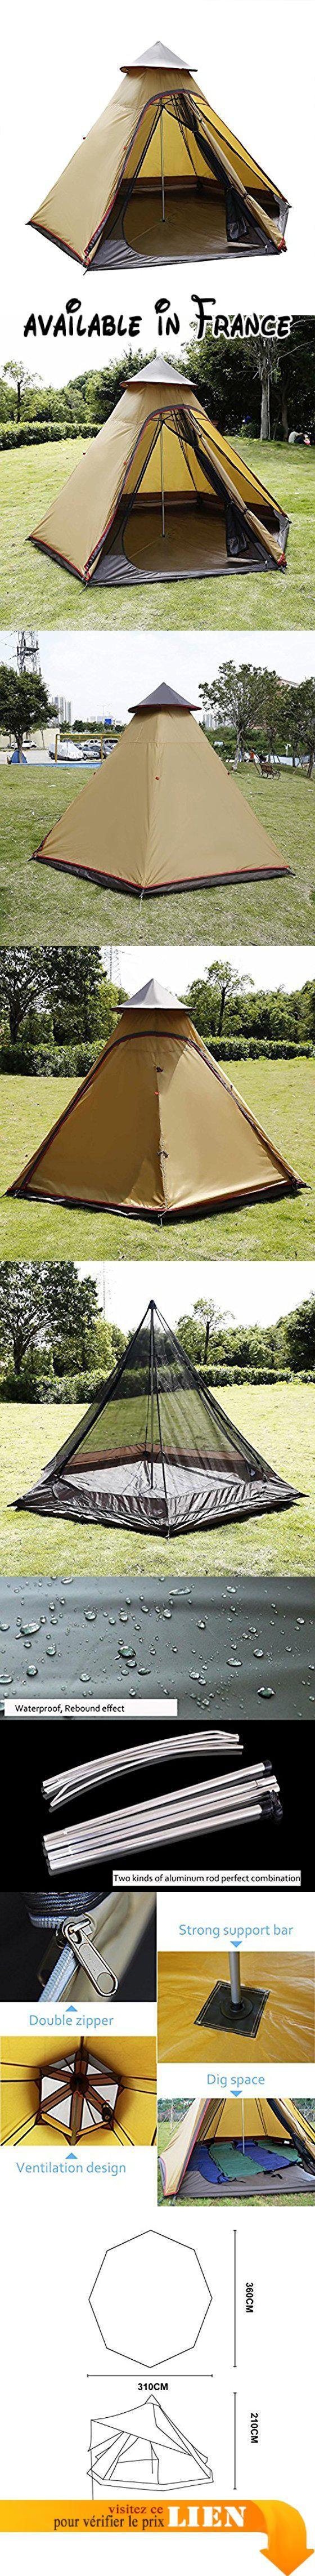 B075R8XXWF : Lonlier Oxford Tente Quechua Familiale Randonnée Pop-up Tent Imperméable Pyramide Camping Avec Coussin Anti Humidité. Fiche de la colonne d'eau: 5000 mm. Tôle de sol de la colonne d'eau: 100% étanche. Poids net de l'article approximativement: 9kg. Opportunité: Camping Extérieur Randonnée pédestre installation rapide et facile. Couleur: Blé